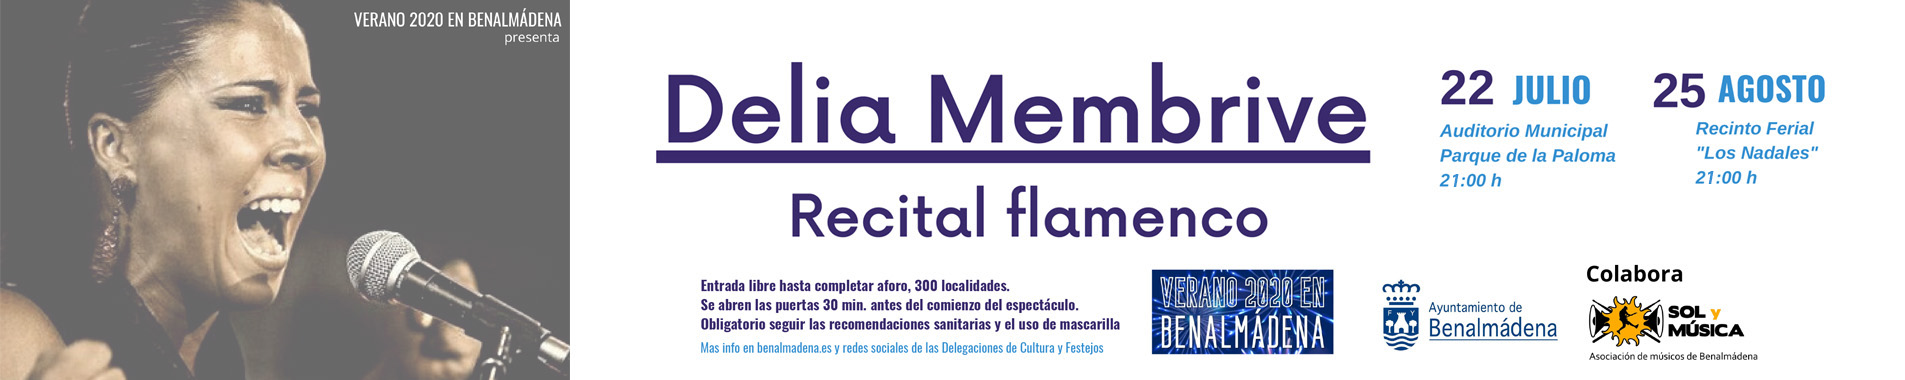 Delia Membrive - Recital Flamenco